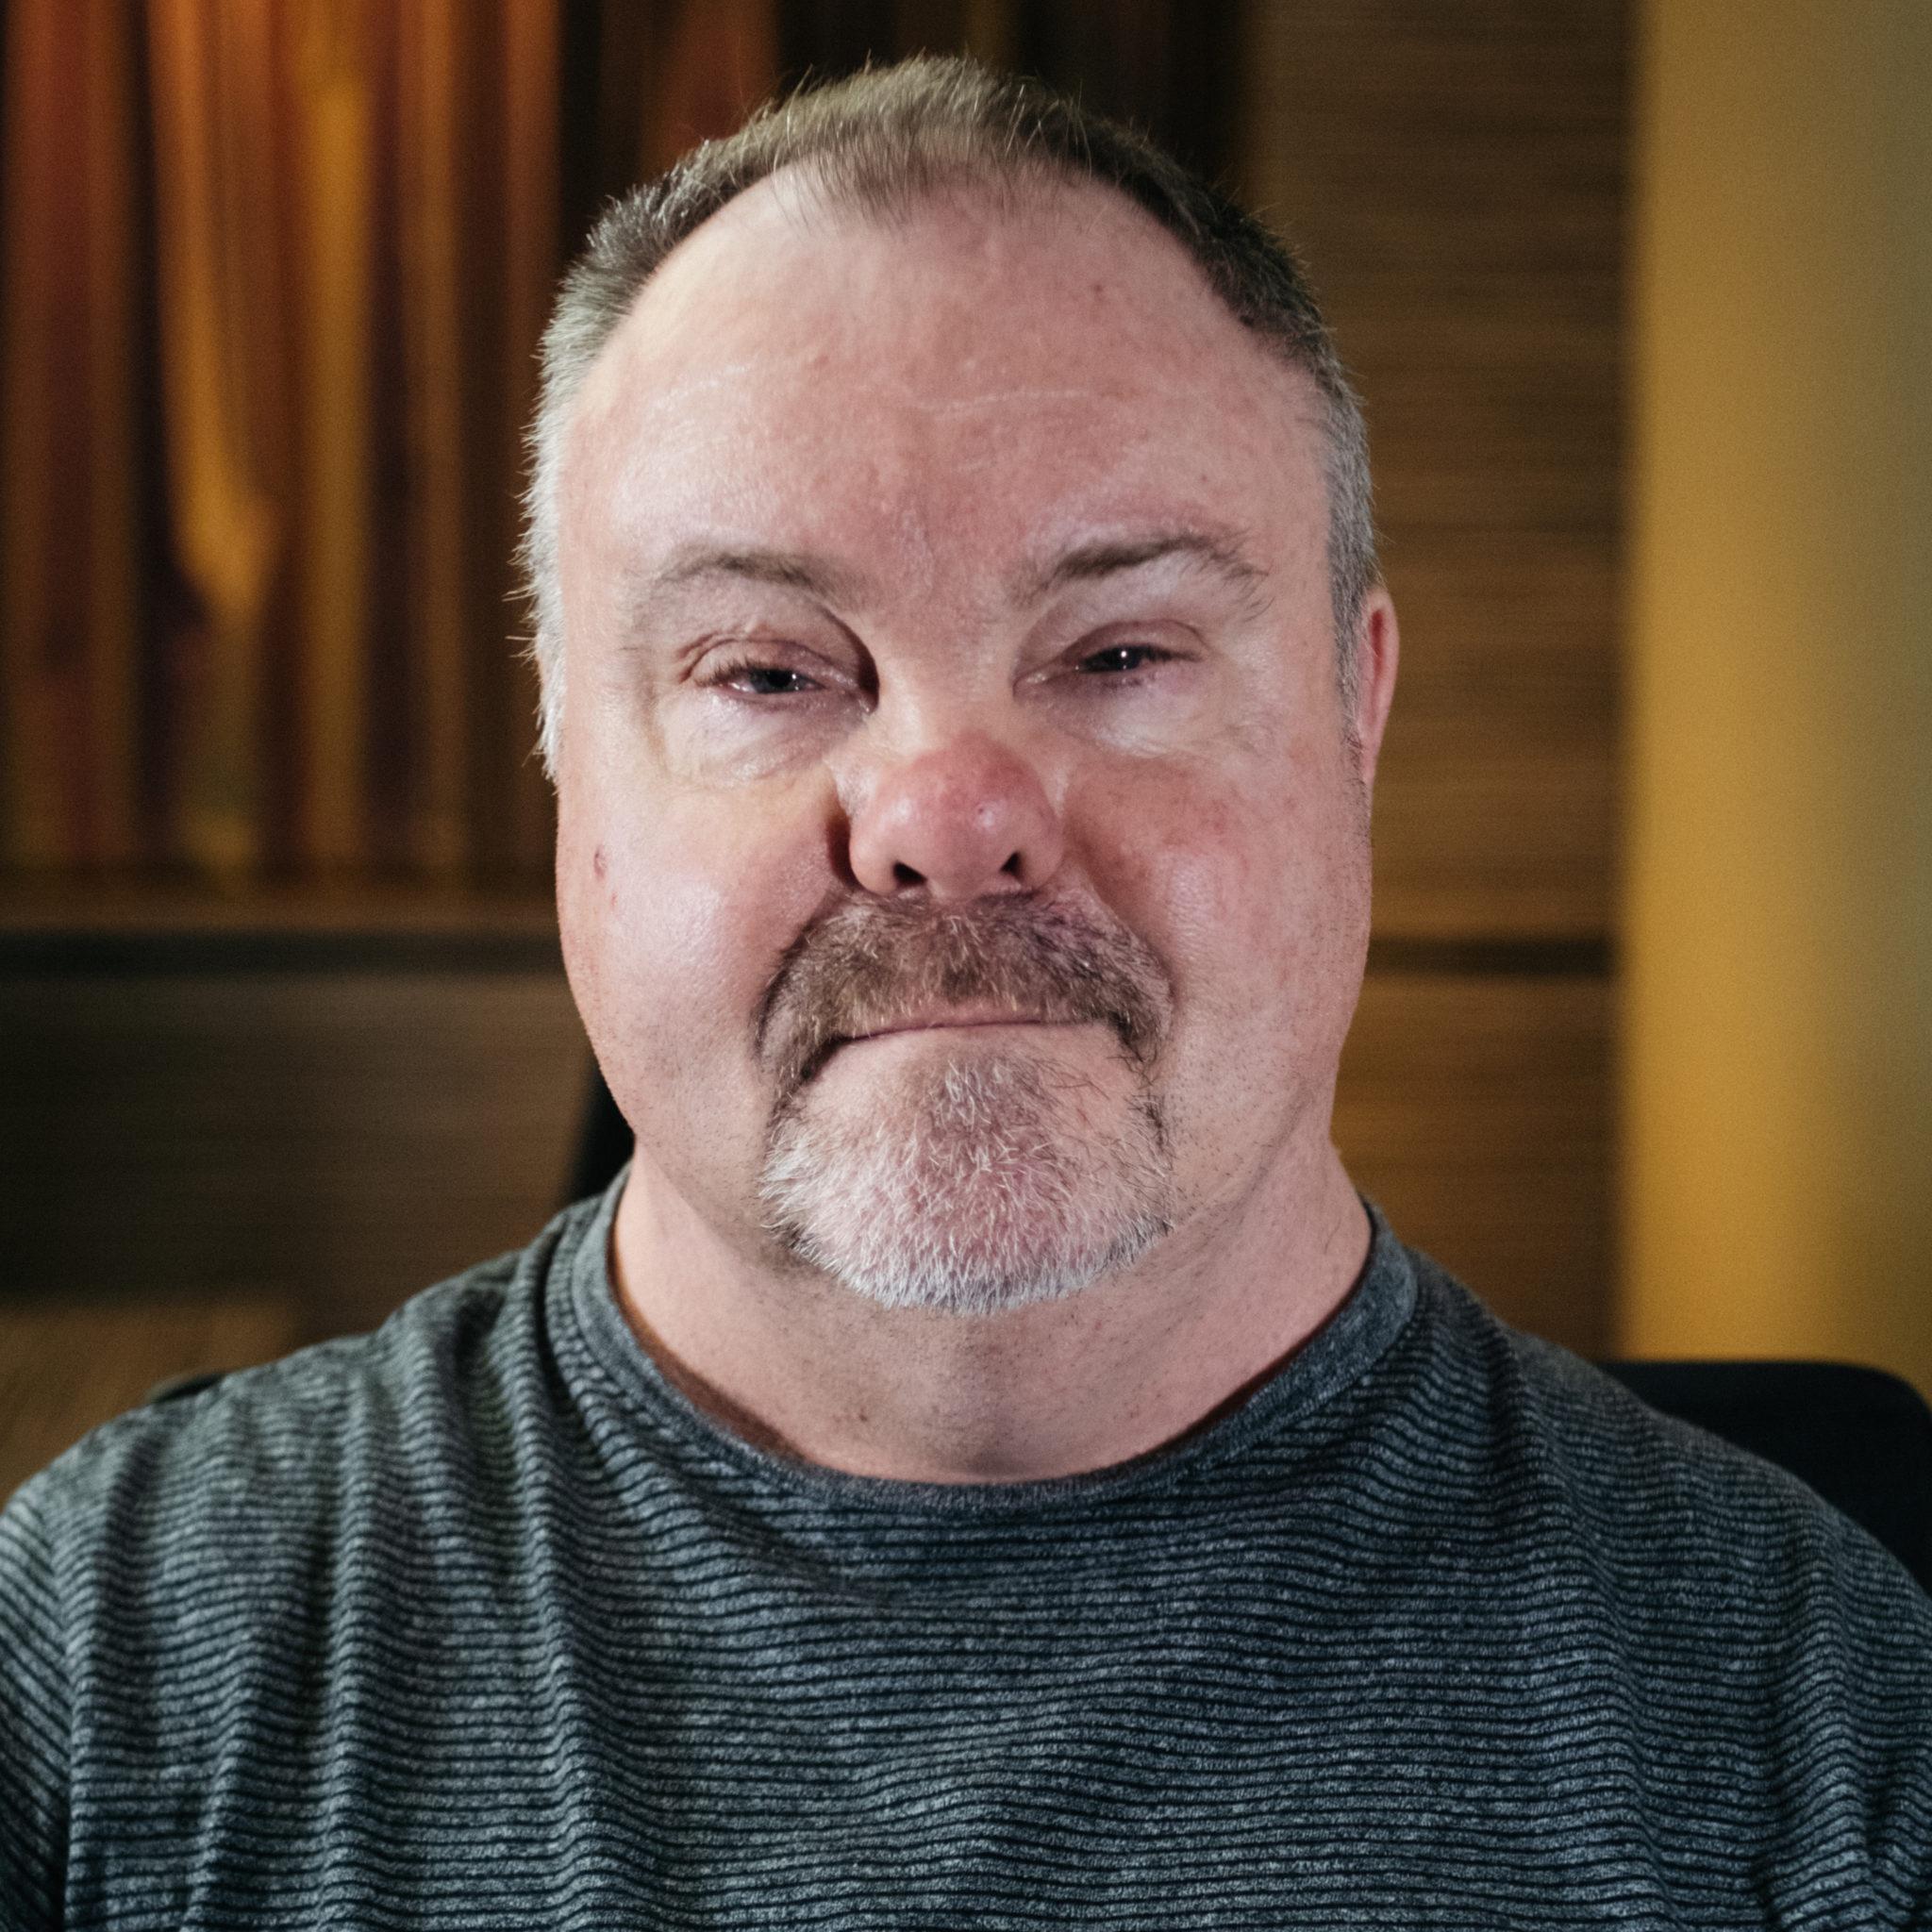 Craig Millward